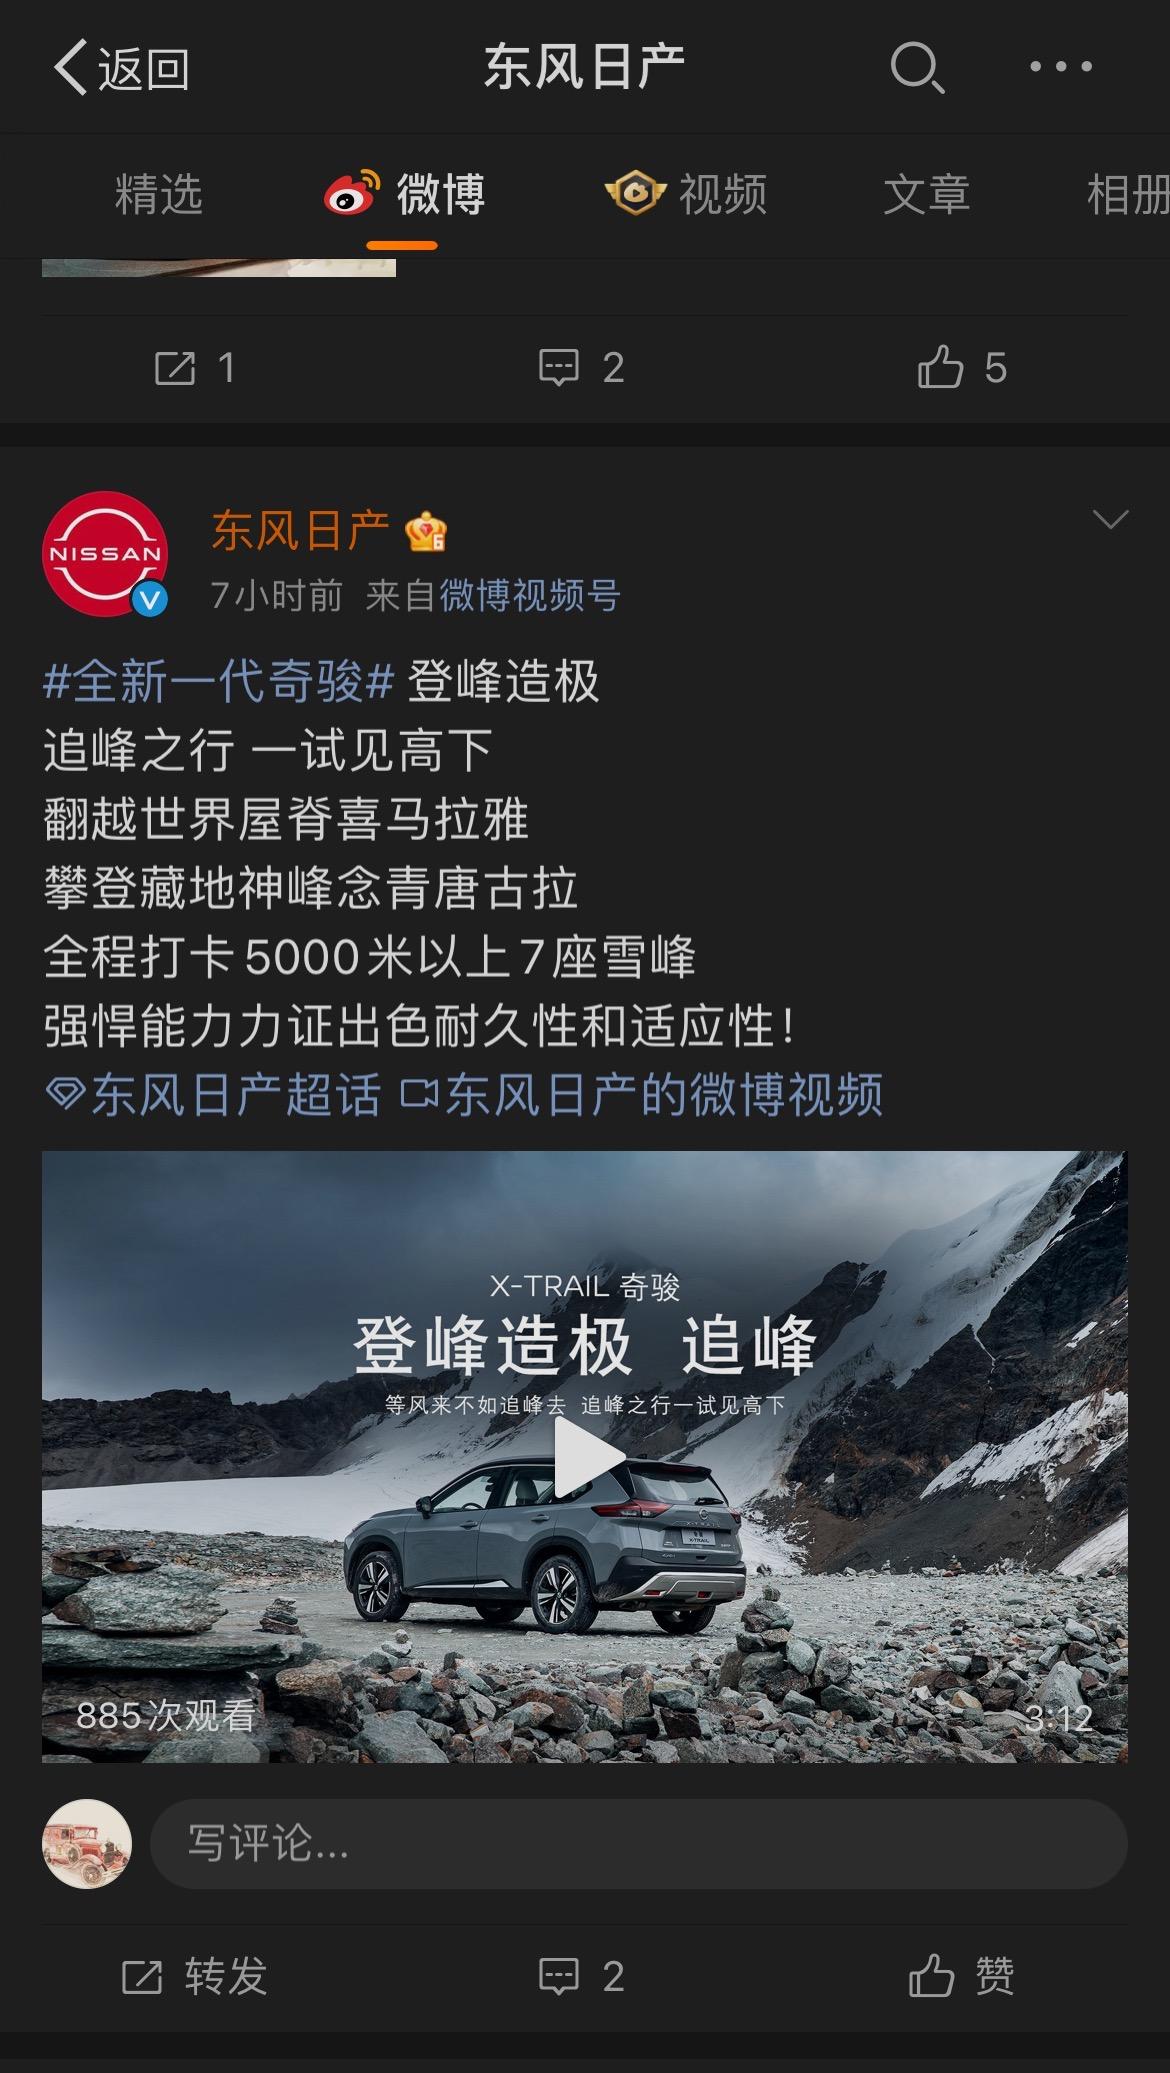 新奇骏自燃事件持续发酵,日产官方仍未发声,而是忙着跑珠峰